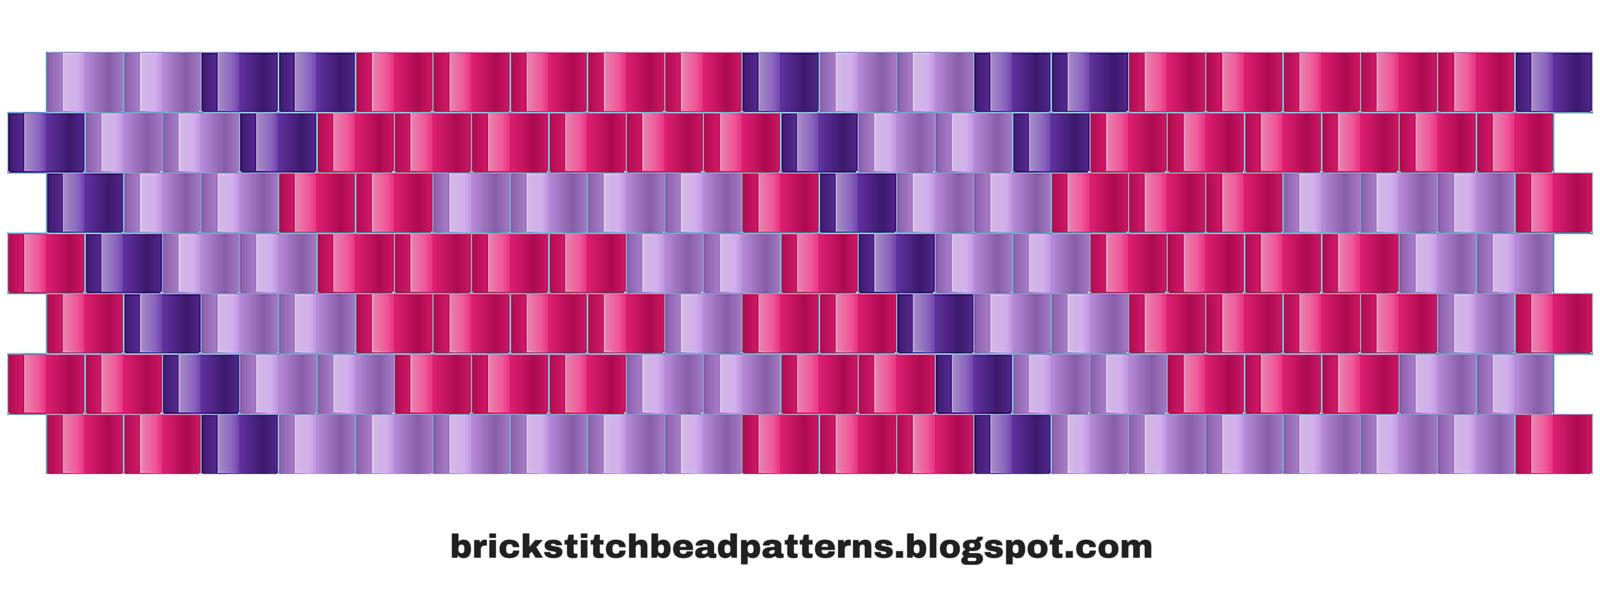 Brick Stitch Bead Patterns Journal 12 Free Brick Stitch